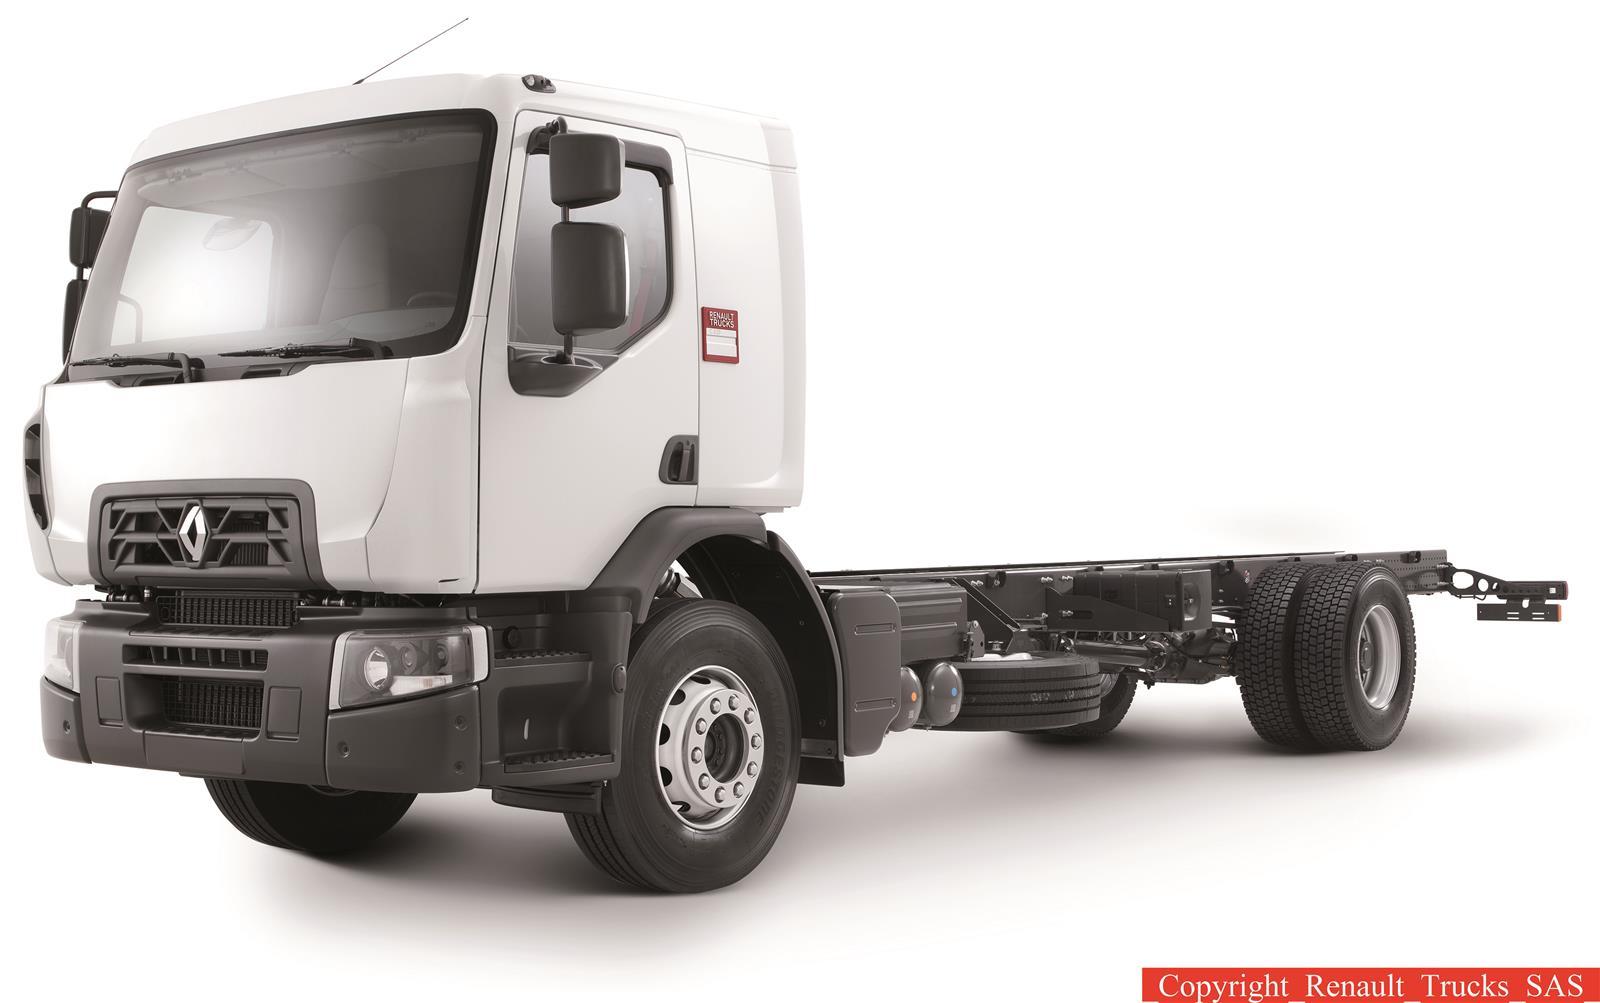 nouveaut s renault trucks lance une nouvelle gamme de. Black Bedroom Furniture Sets. Home Design Ideas